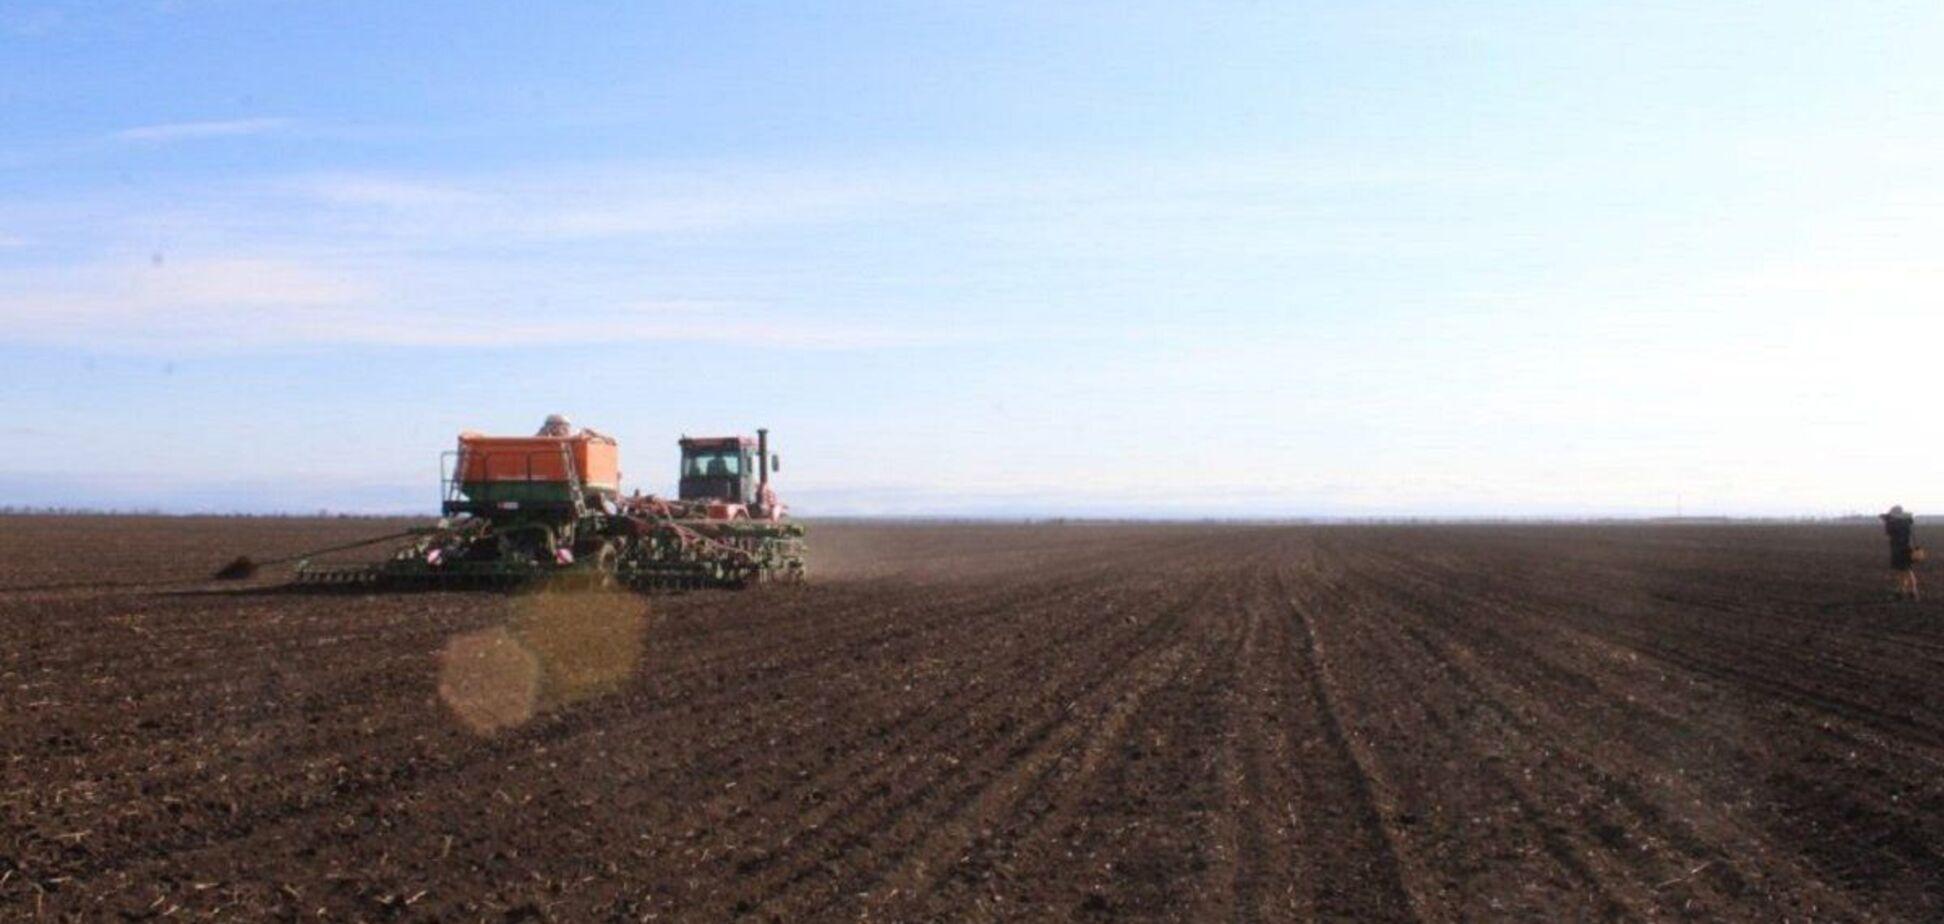 Обсяг тіньової оренди землі в Україні сягає 90 млрд грн – Мінагрополітики